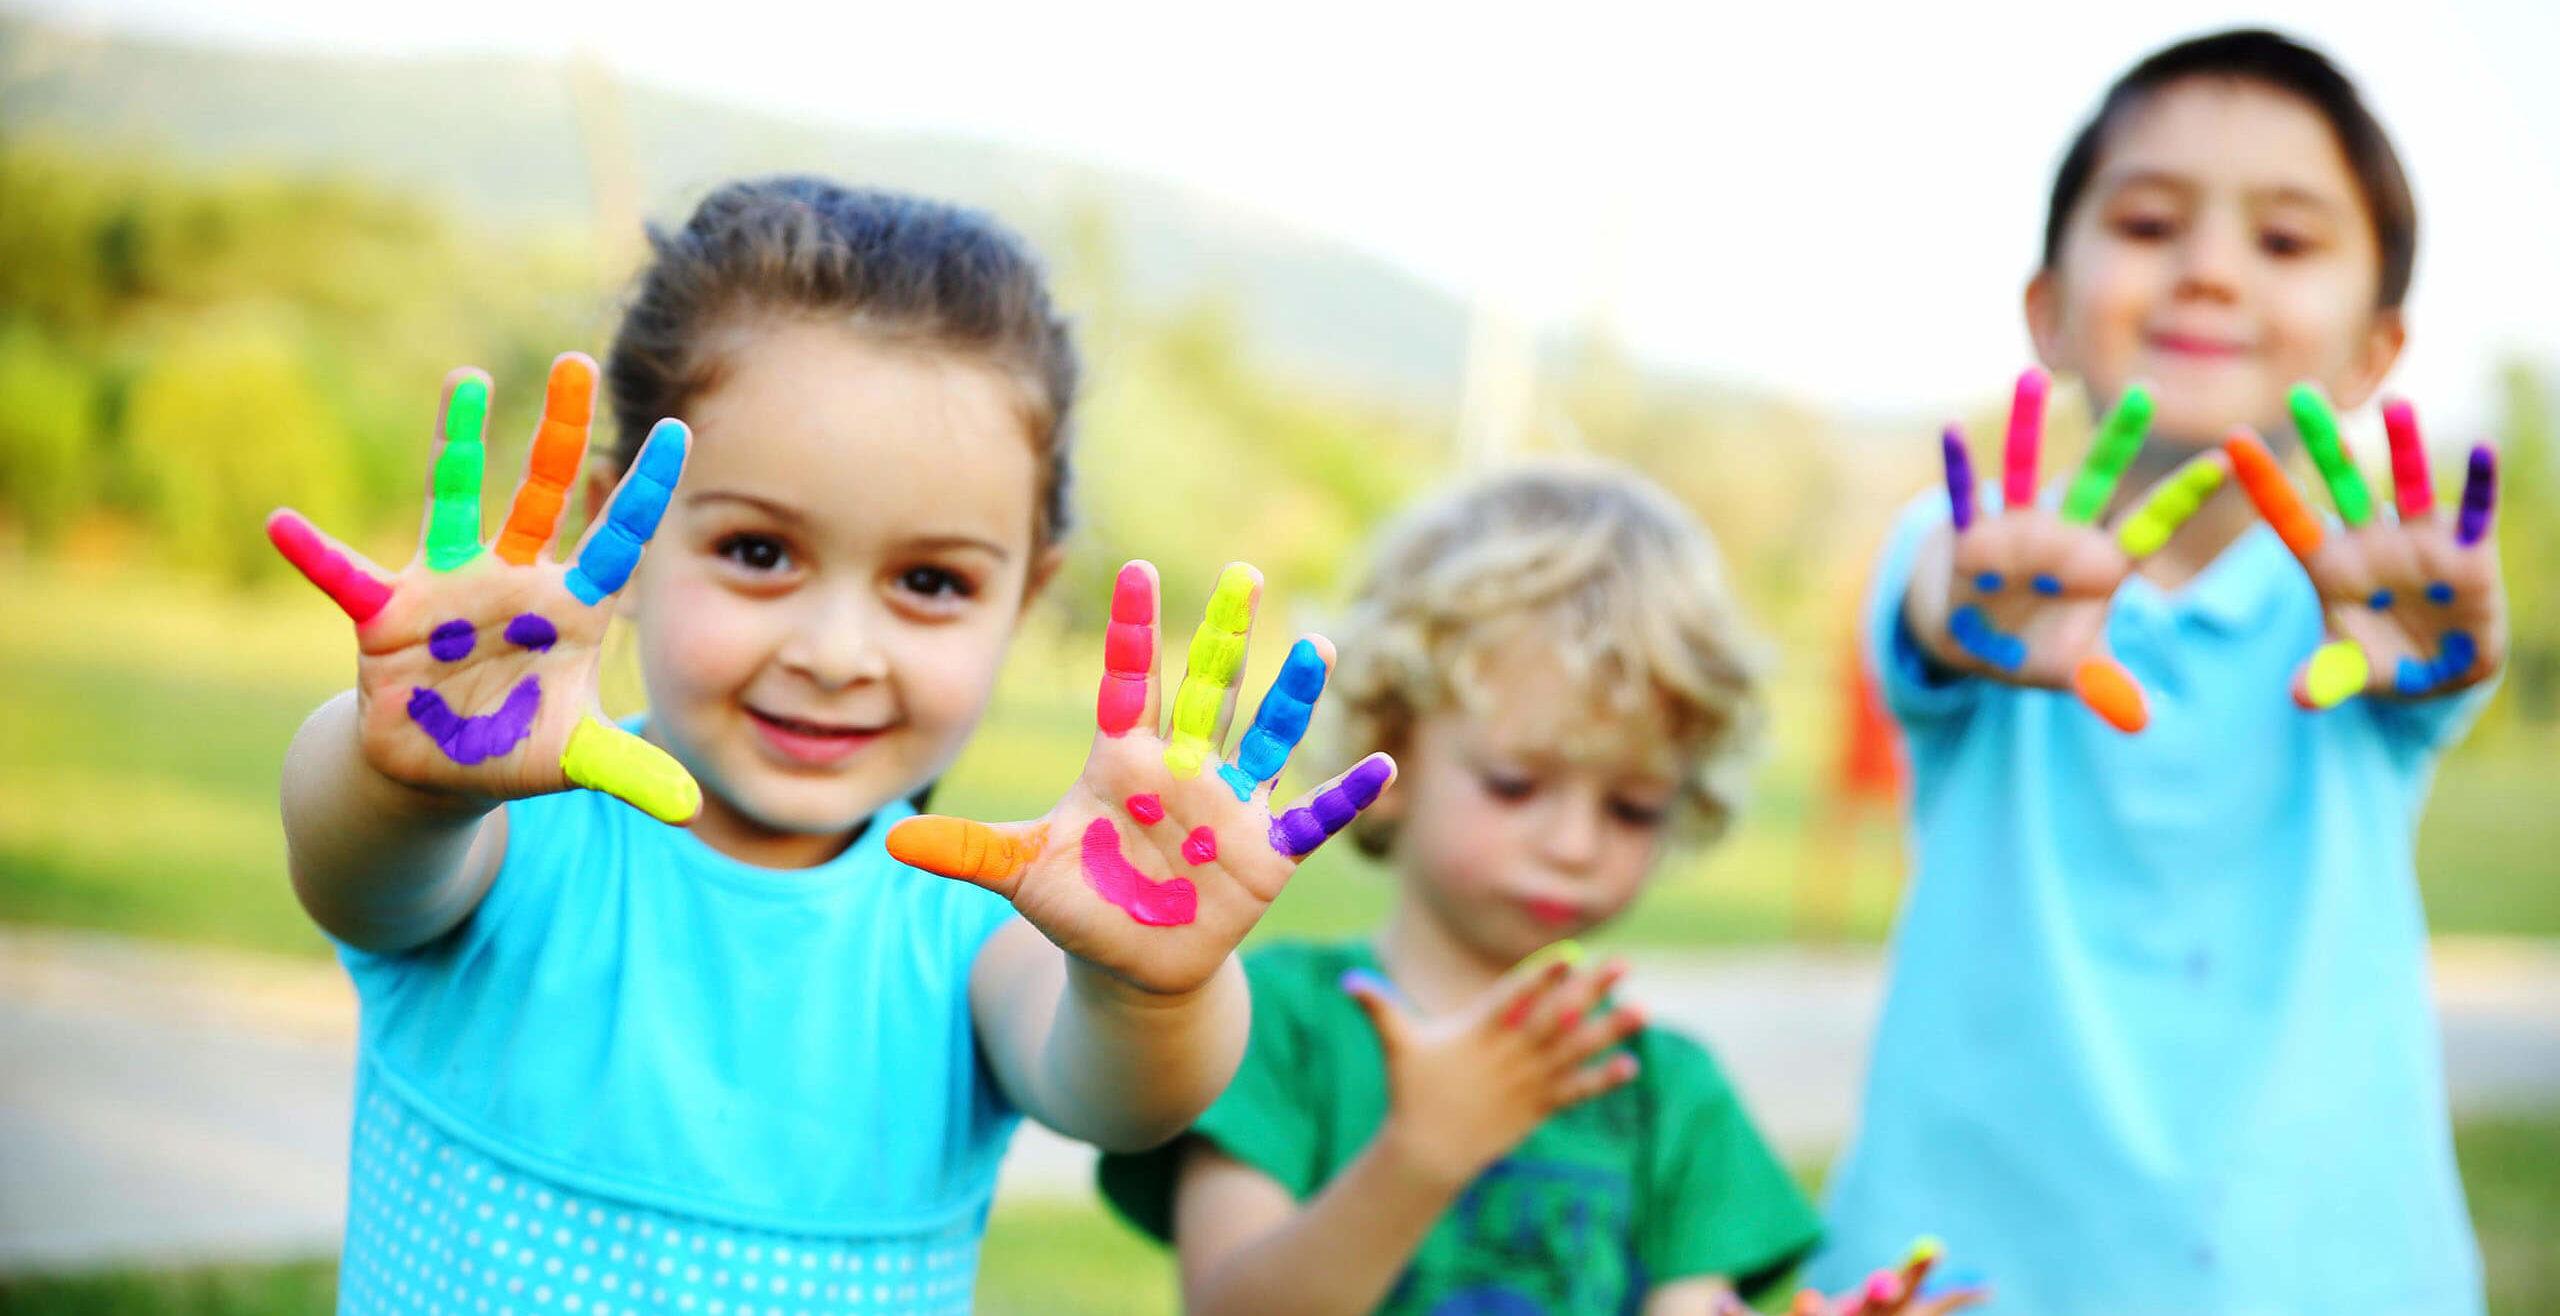 تحقیق ایمنى و بهداشت در کودکان